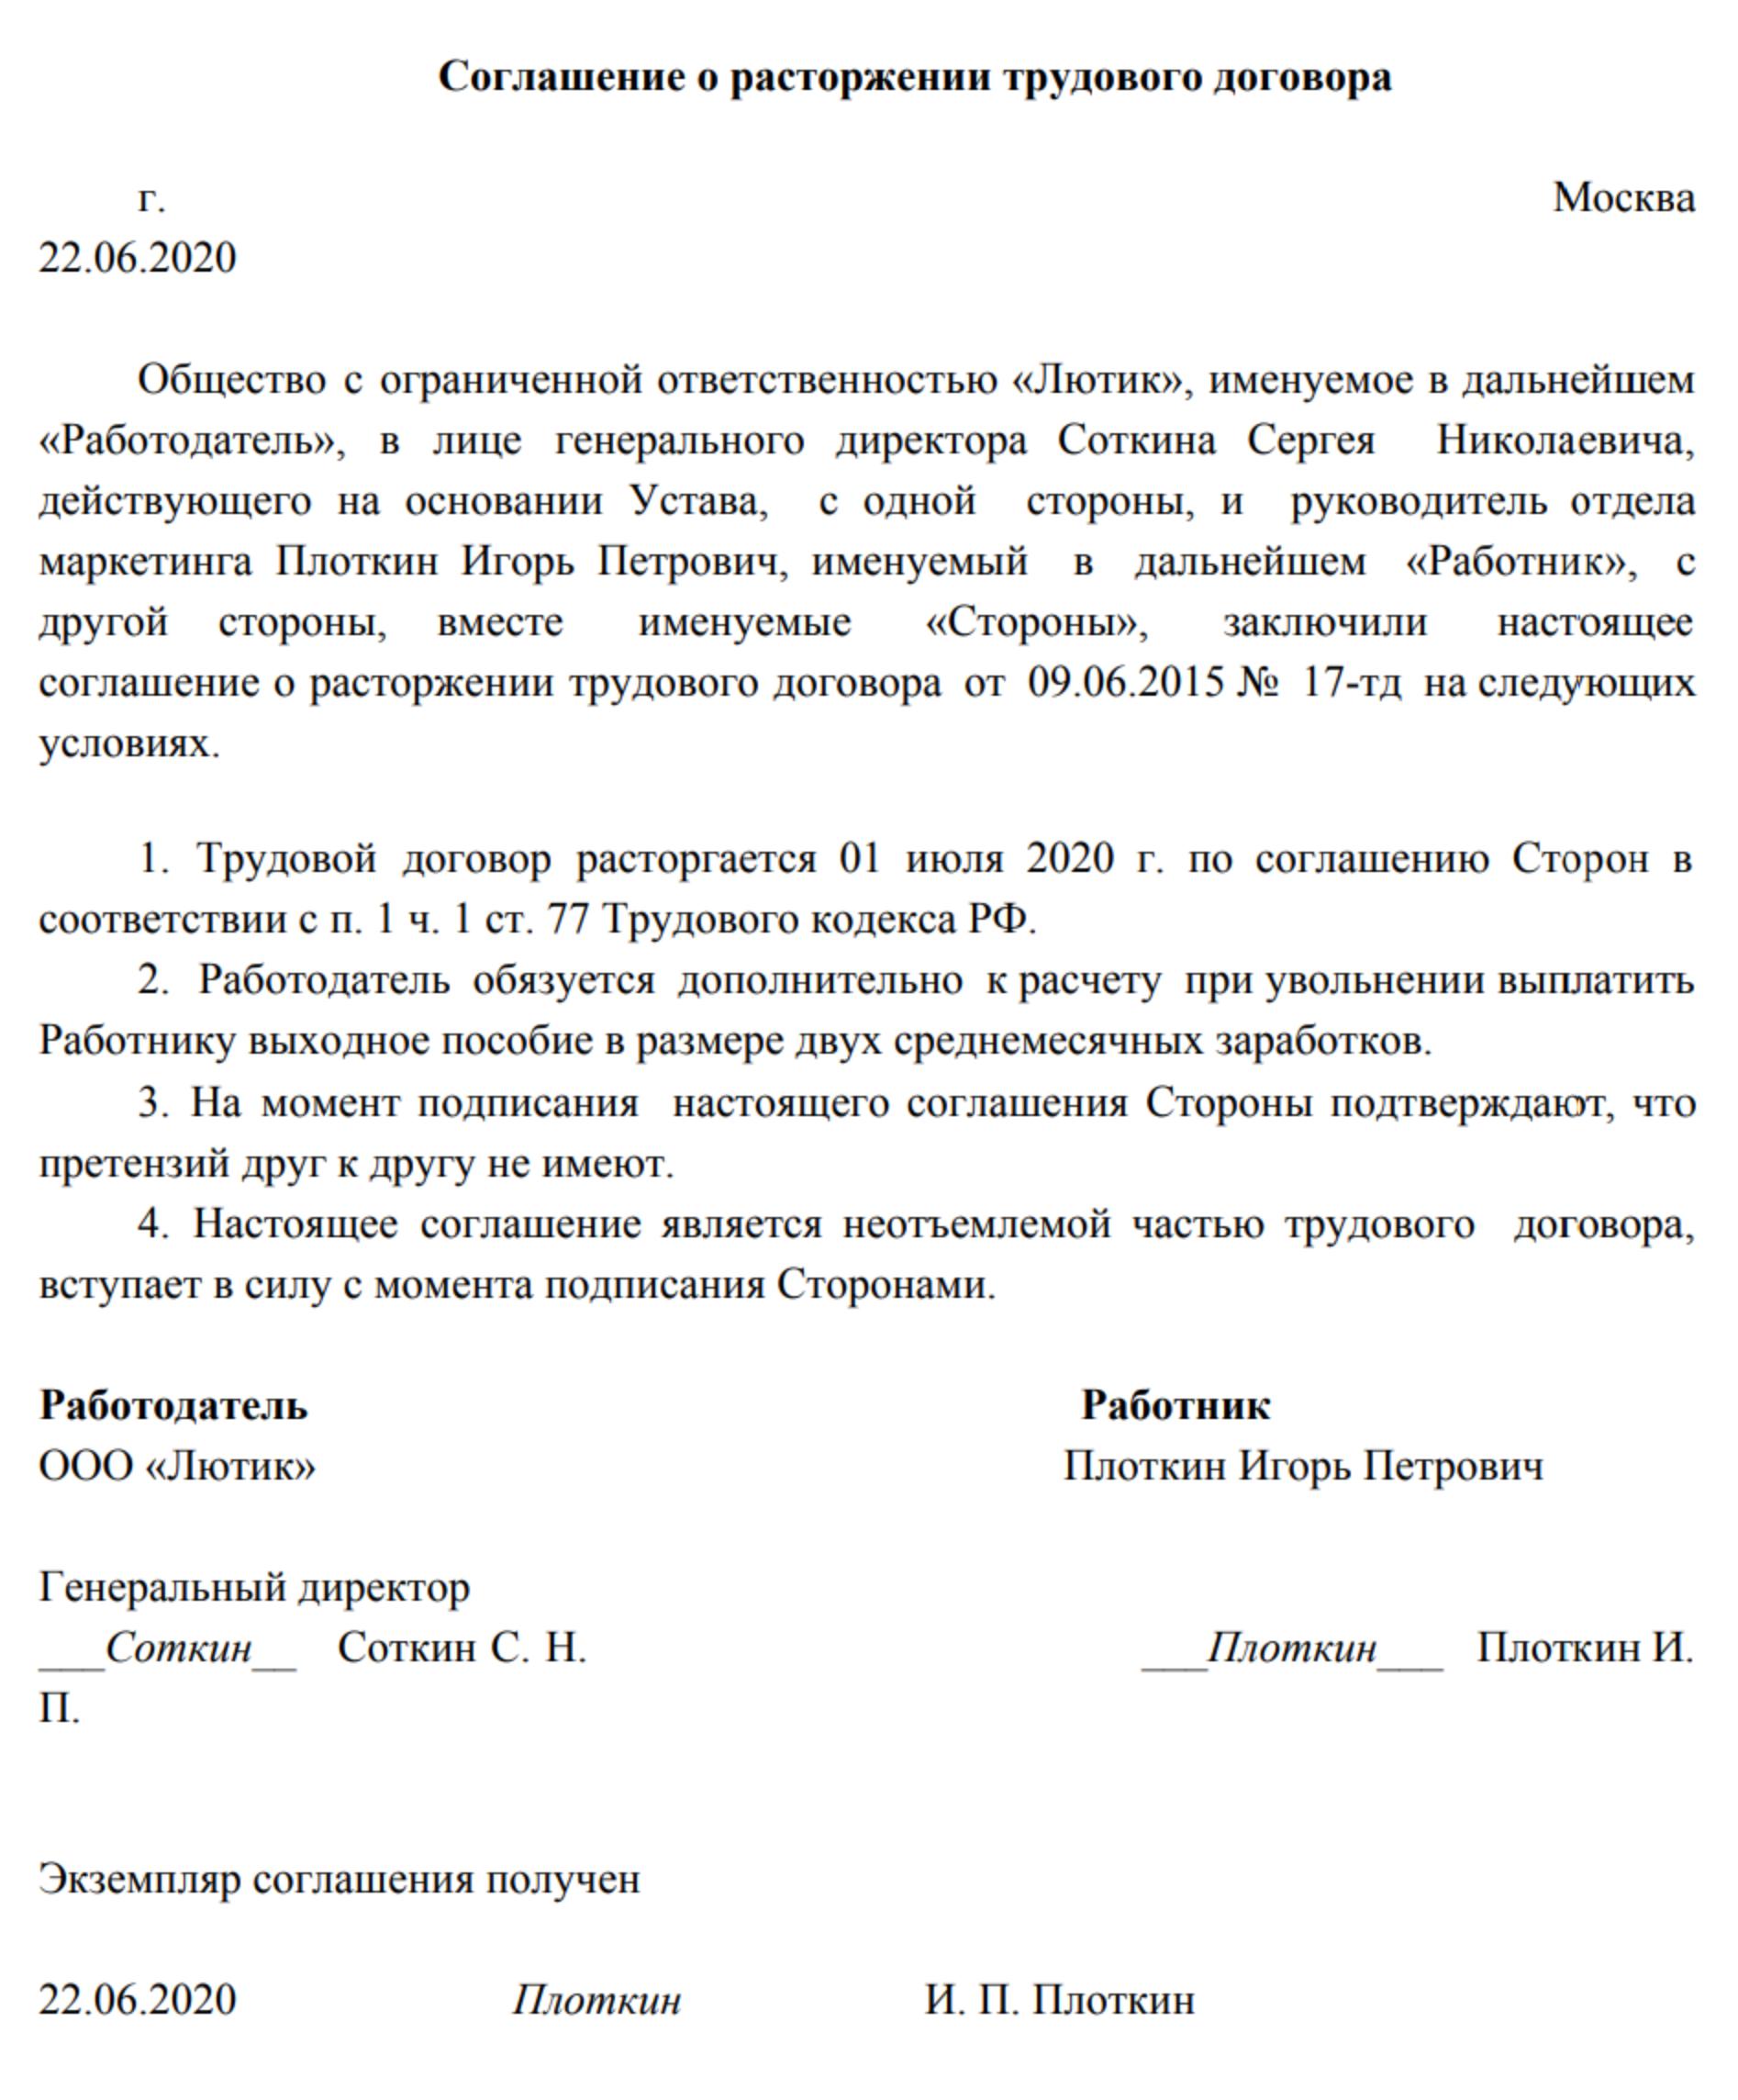 Пример соглашения о расторжении трудового договора